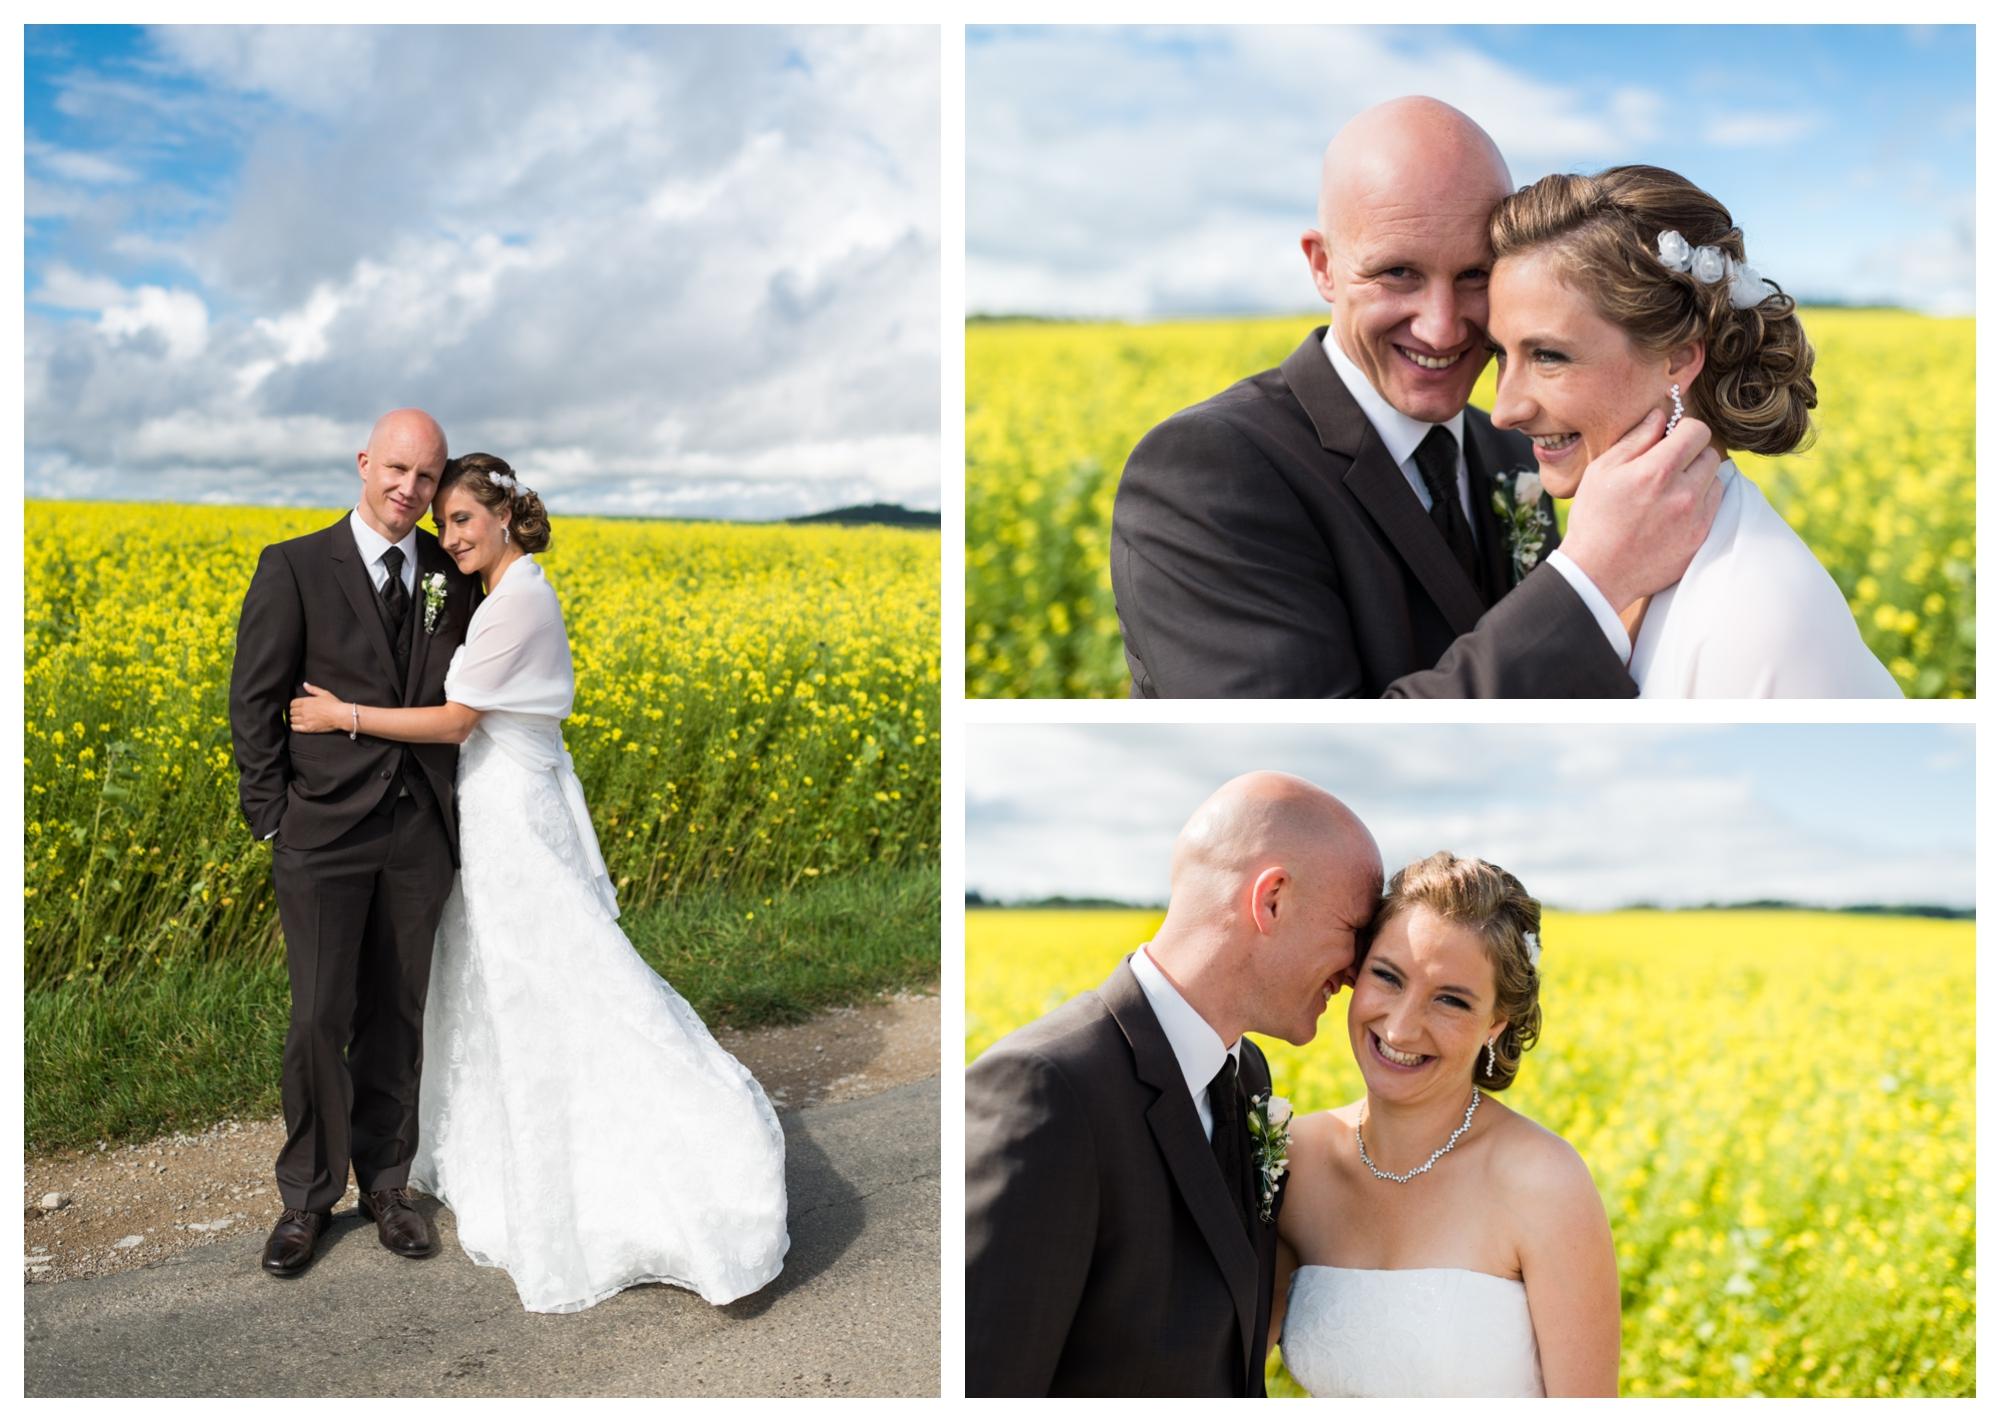 Fotograf Konstanz - 2013 12 09 0012 - Als Hochzeitsfotograf in Bad Dürrheim unterwegs  - 27 -